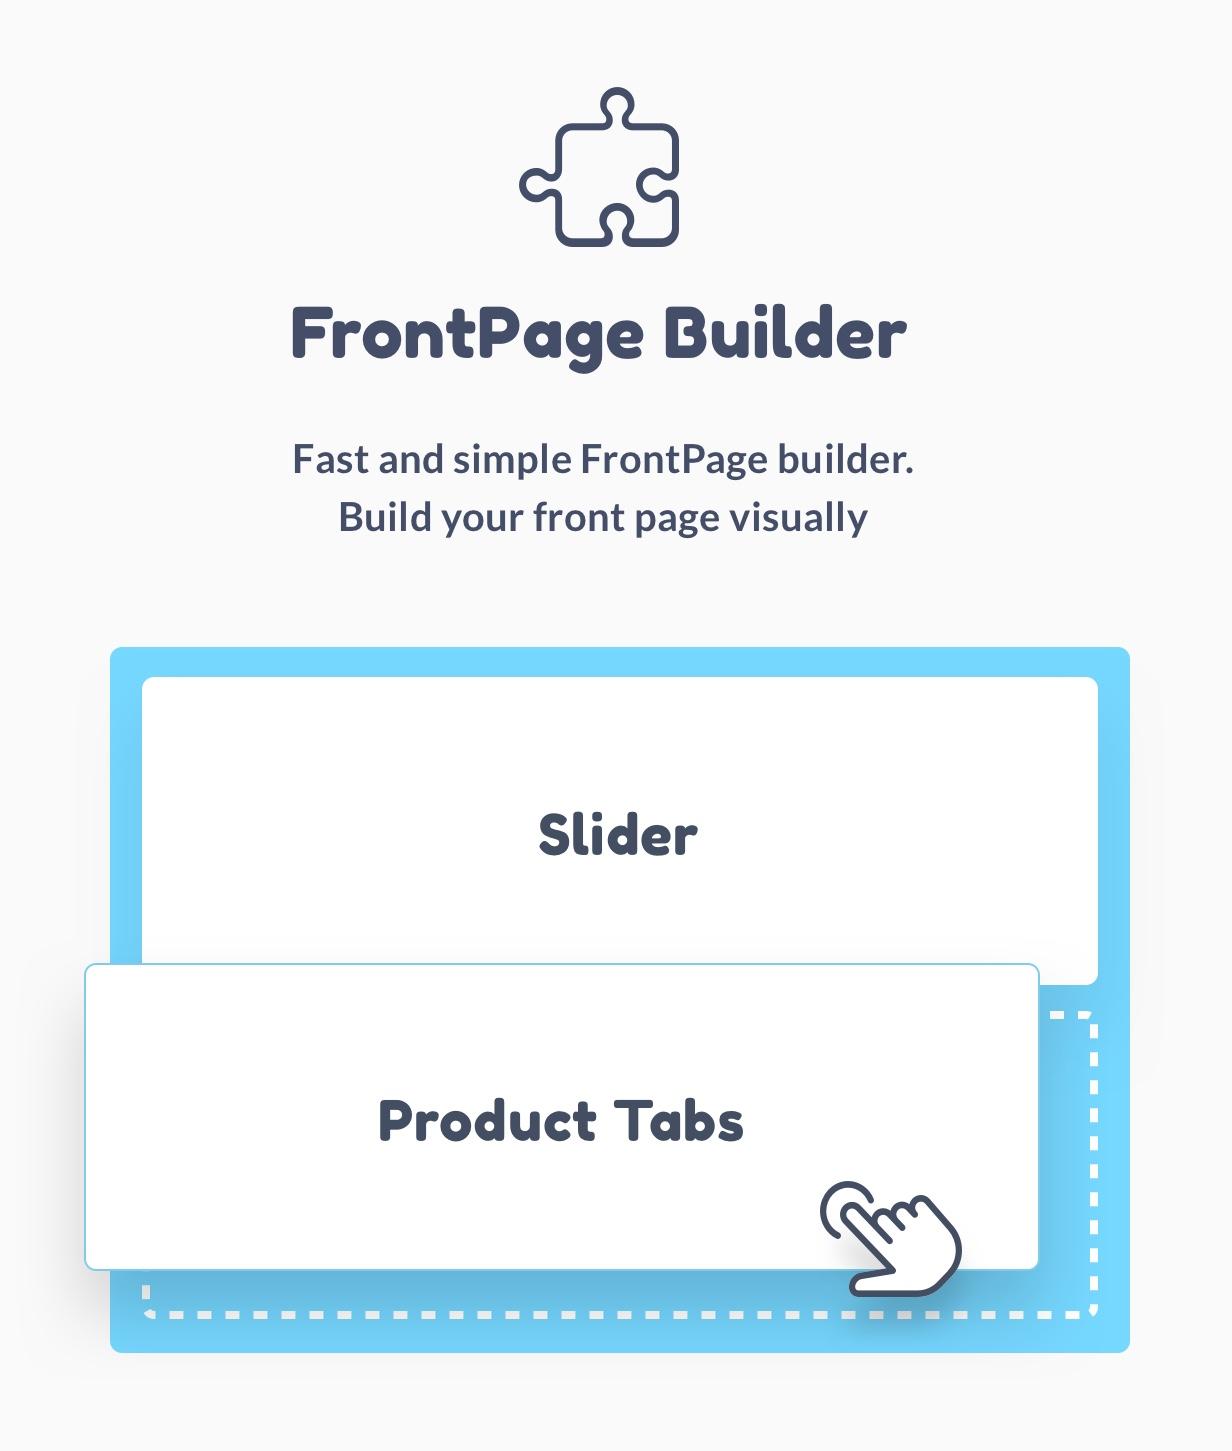 FrontPage builder